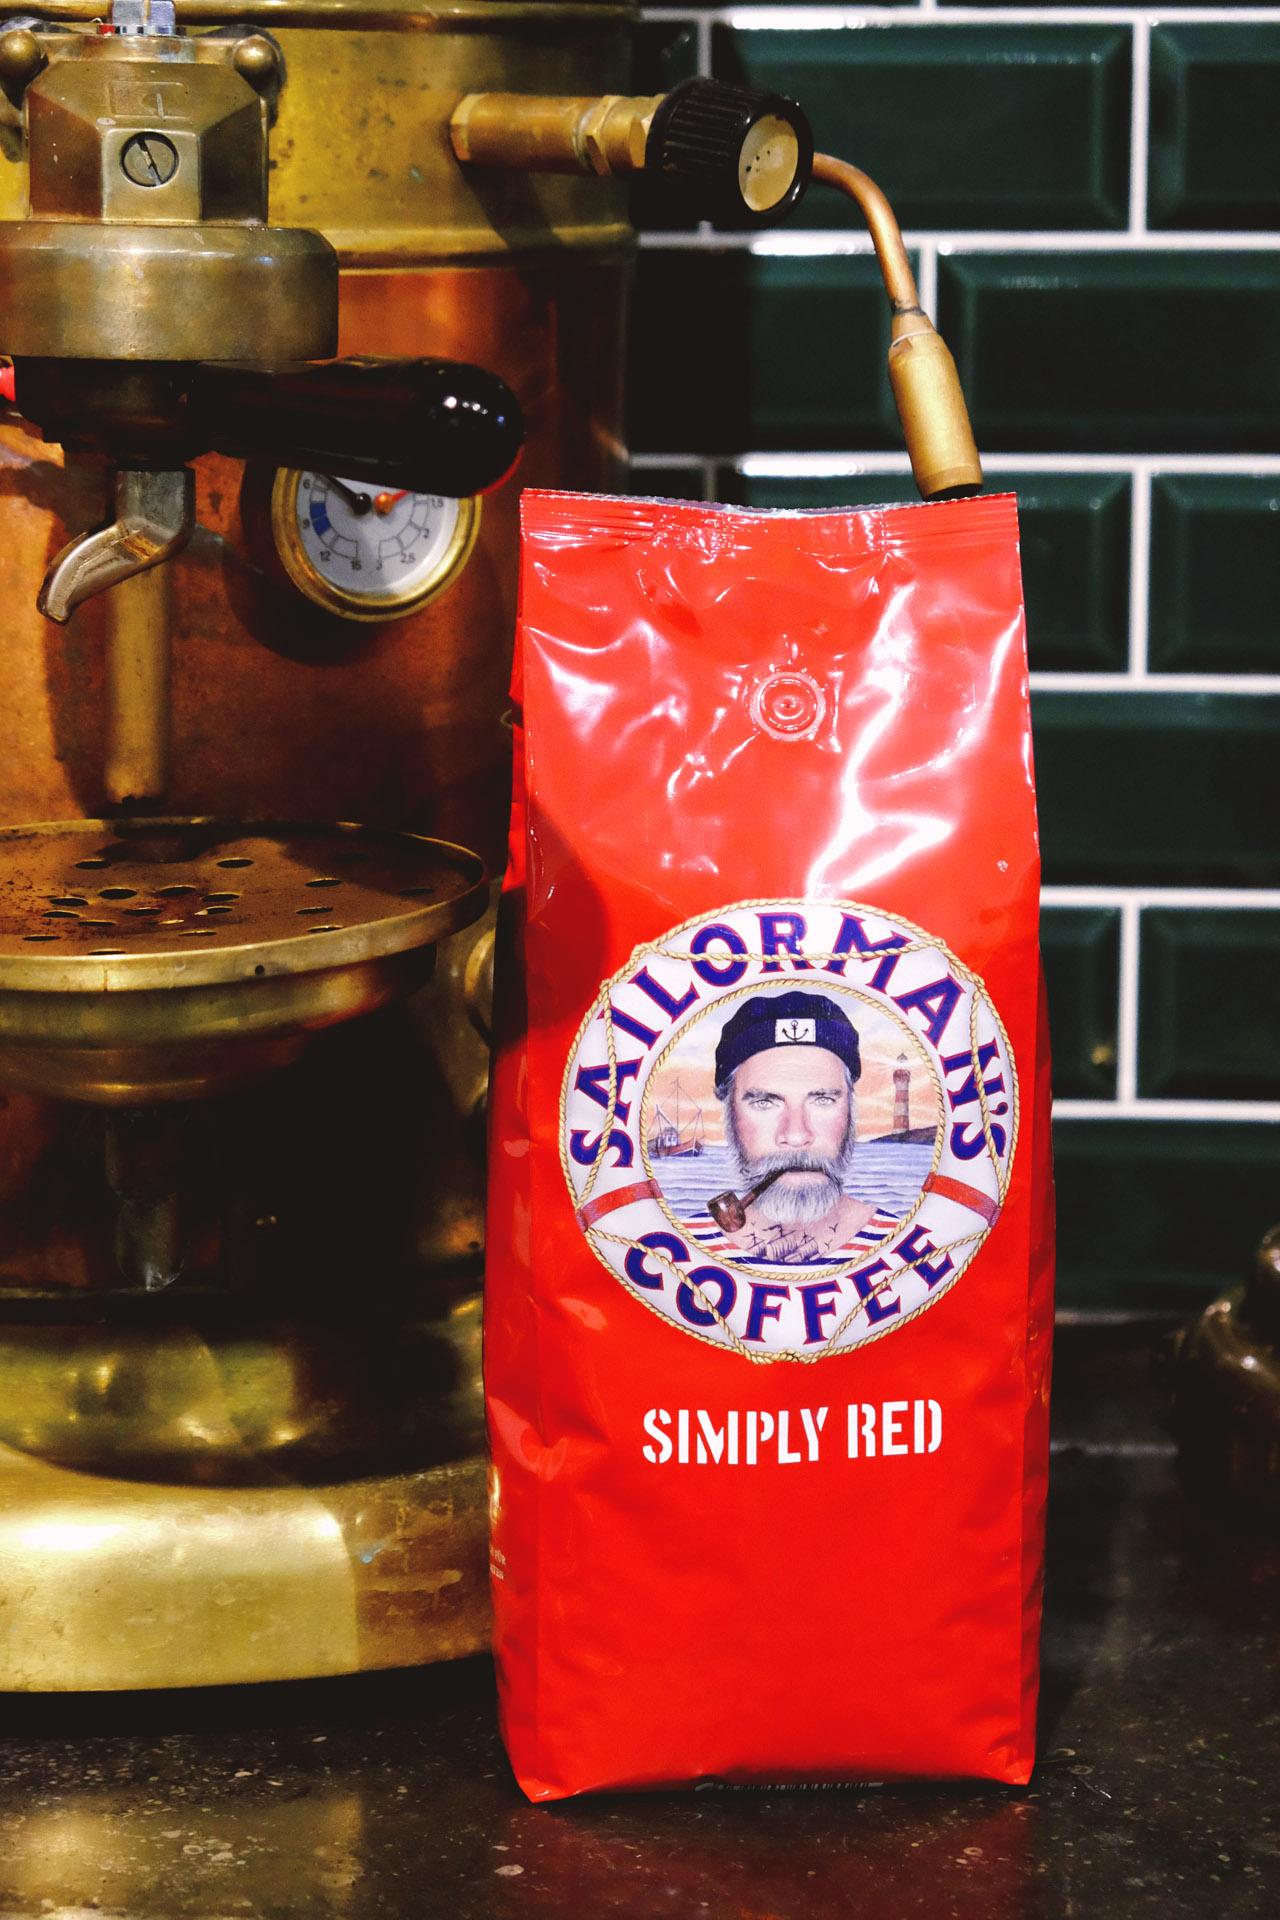 sailormans-coffee-privatkaffee-eigeneröstung-heritagepost-exklusiv